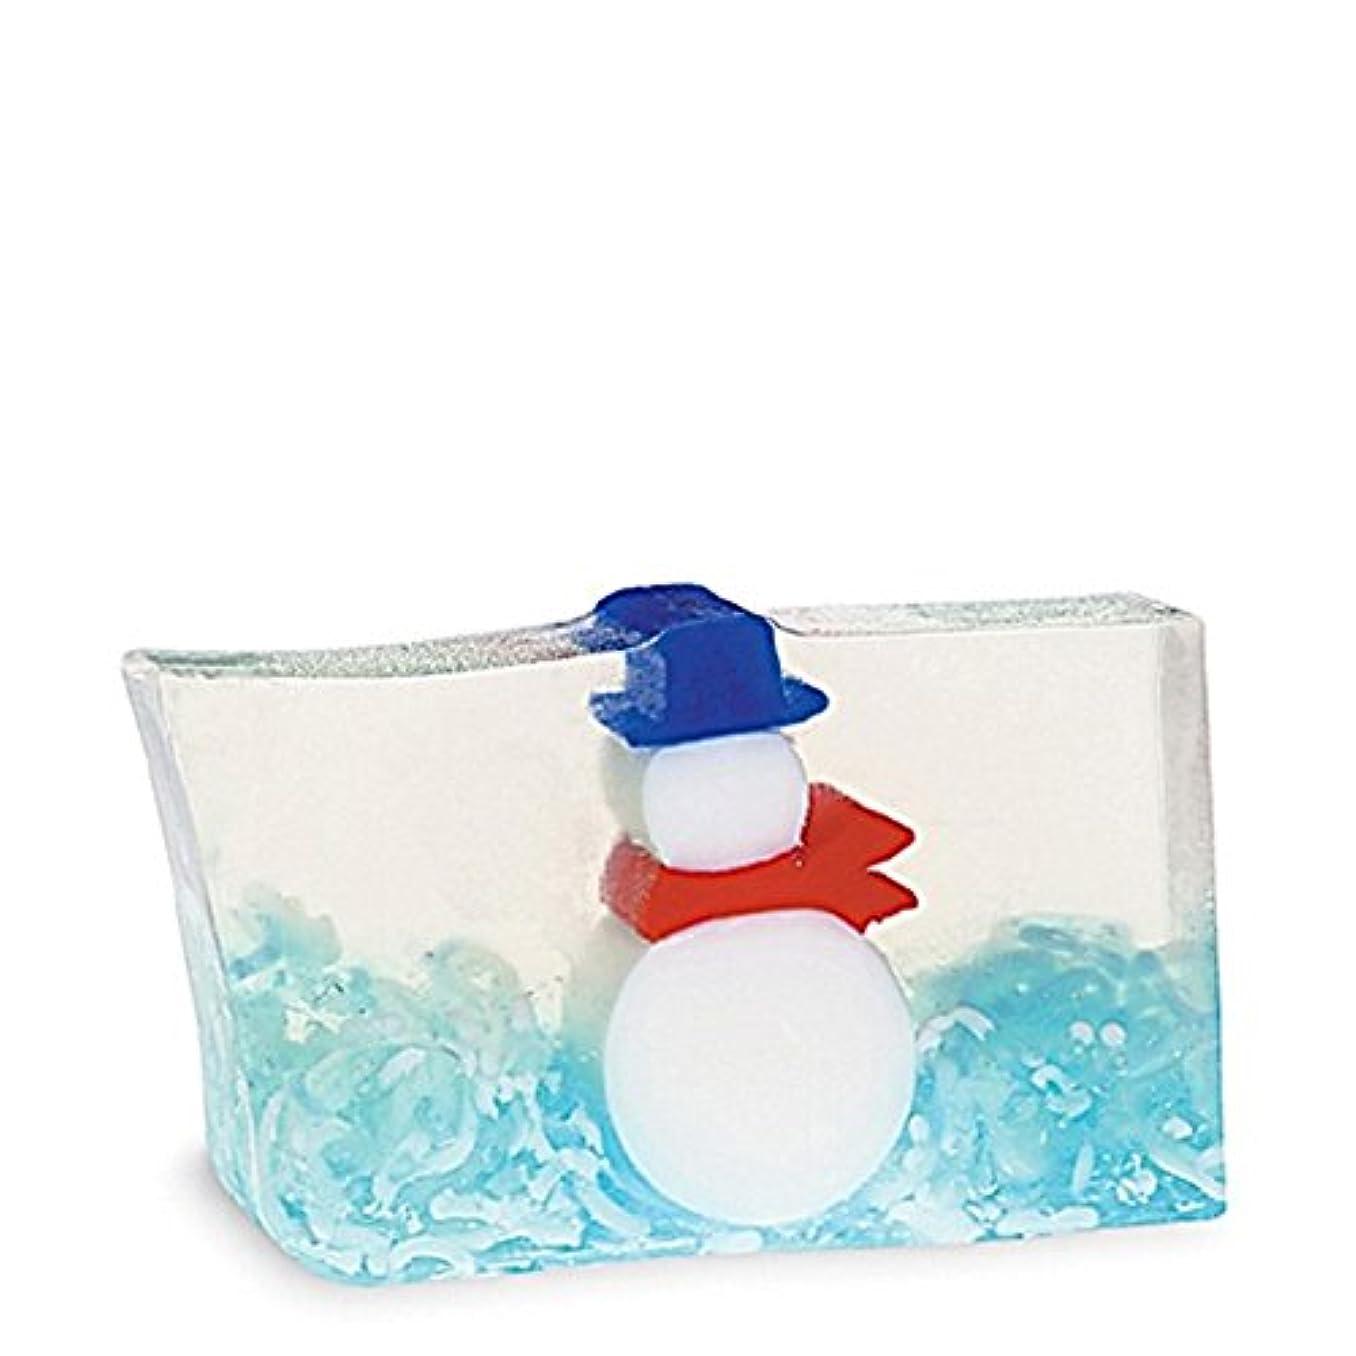 ステレオタイプ夜明けに正しい原初の要素雪だるま石鹸170グラム x2 - Primal Elements Snowman Soap 170g (Pack of 2) [並行輸入品]